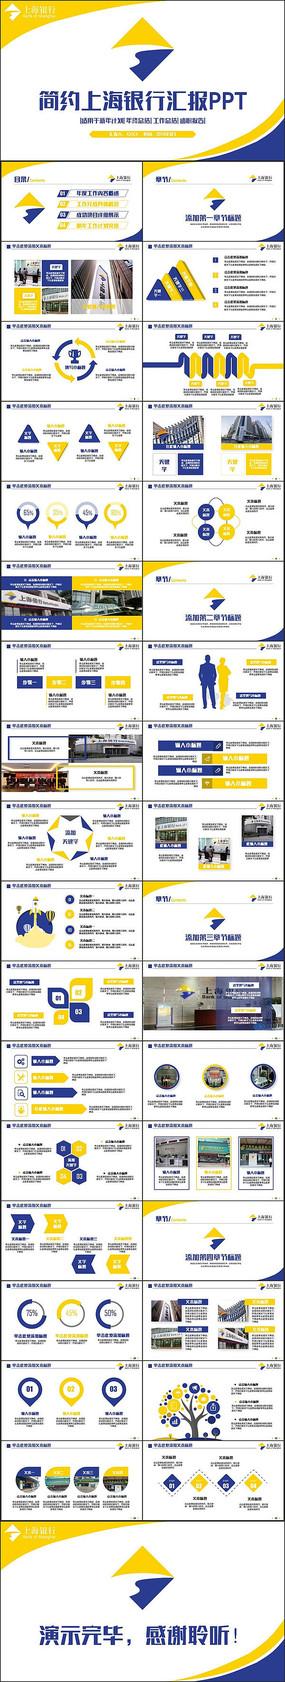 动感上海银行汇报PPT pptx